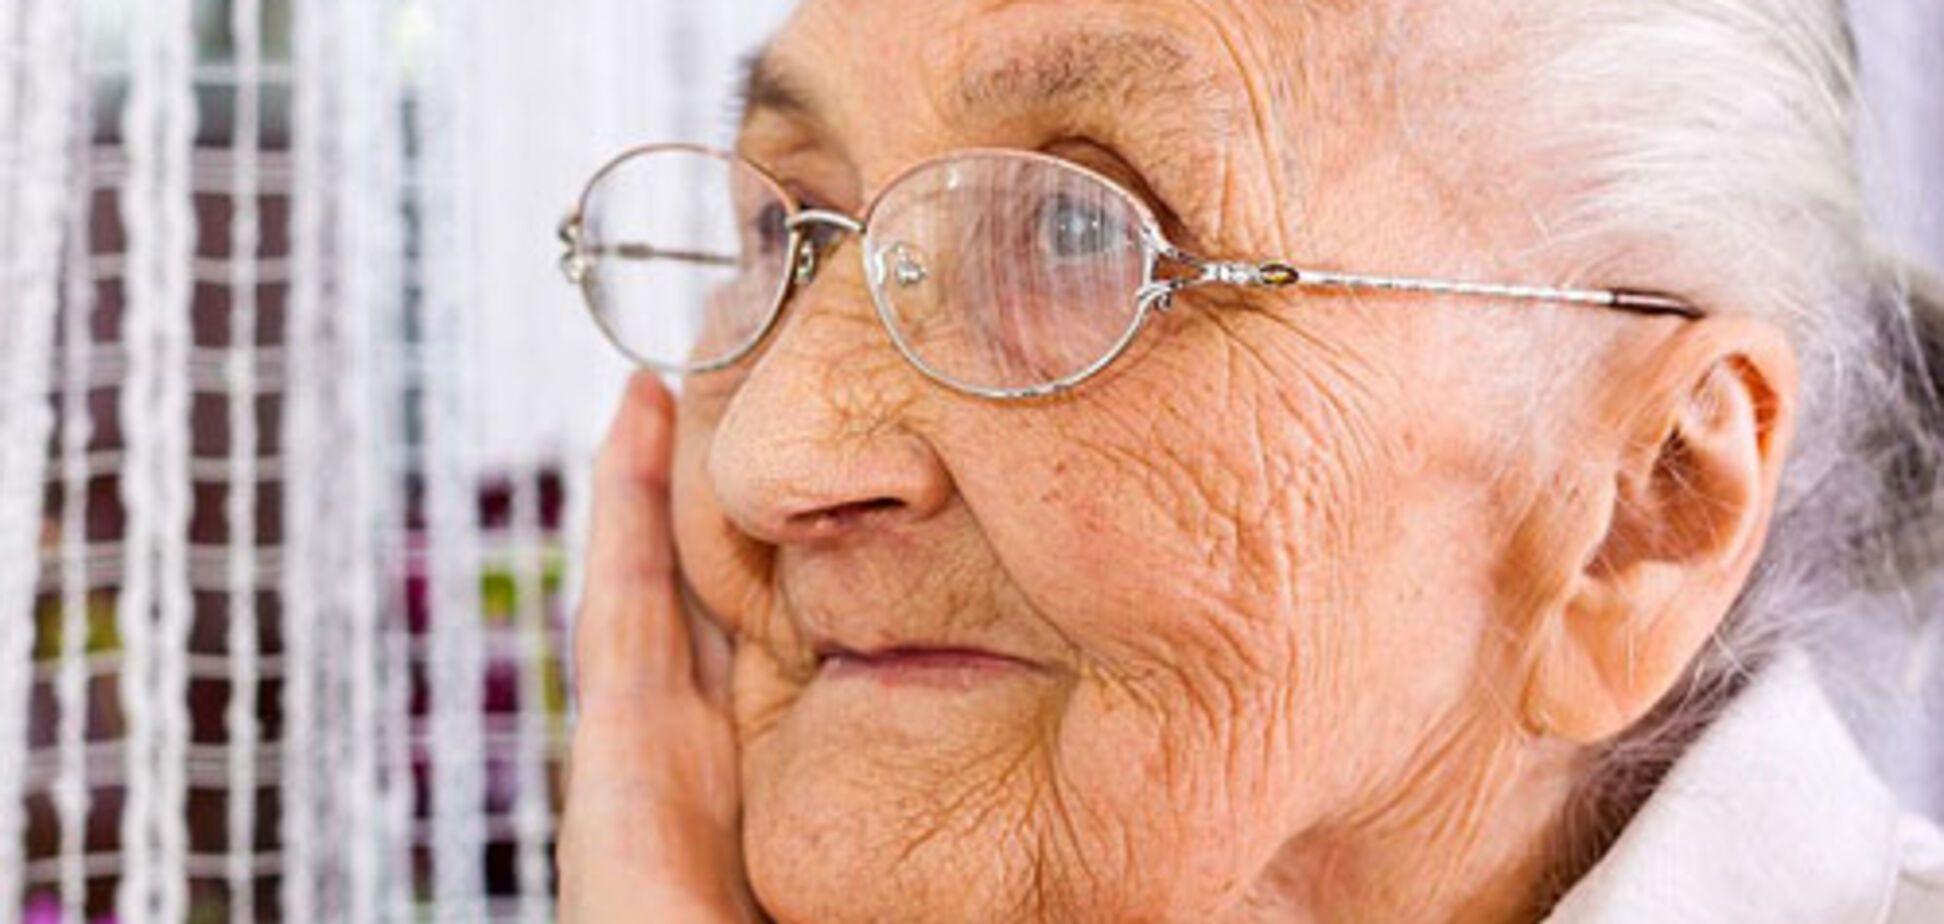 Пенсійний фонд 'йде' в інтернет: месенджери, SMS і довідки онлайн